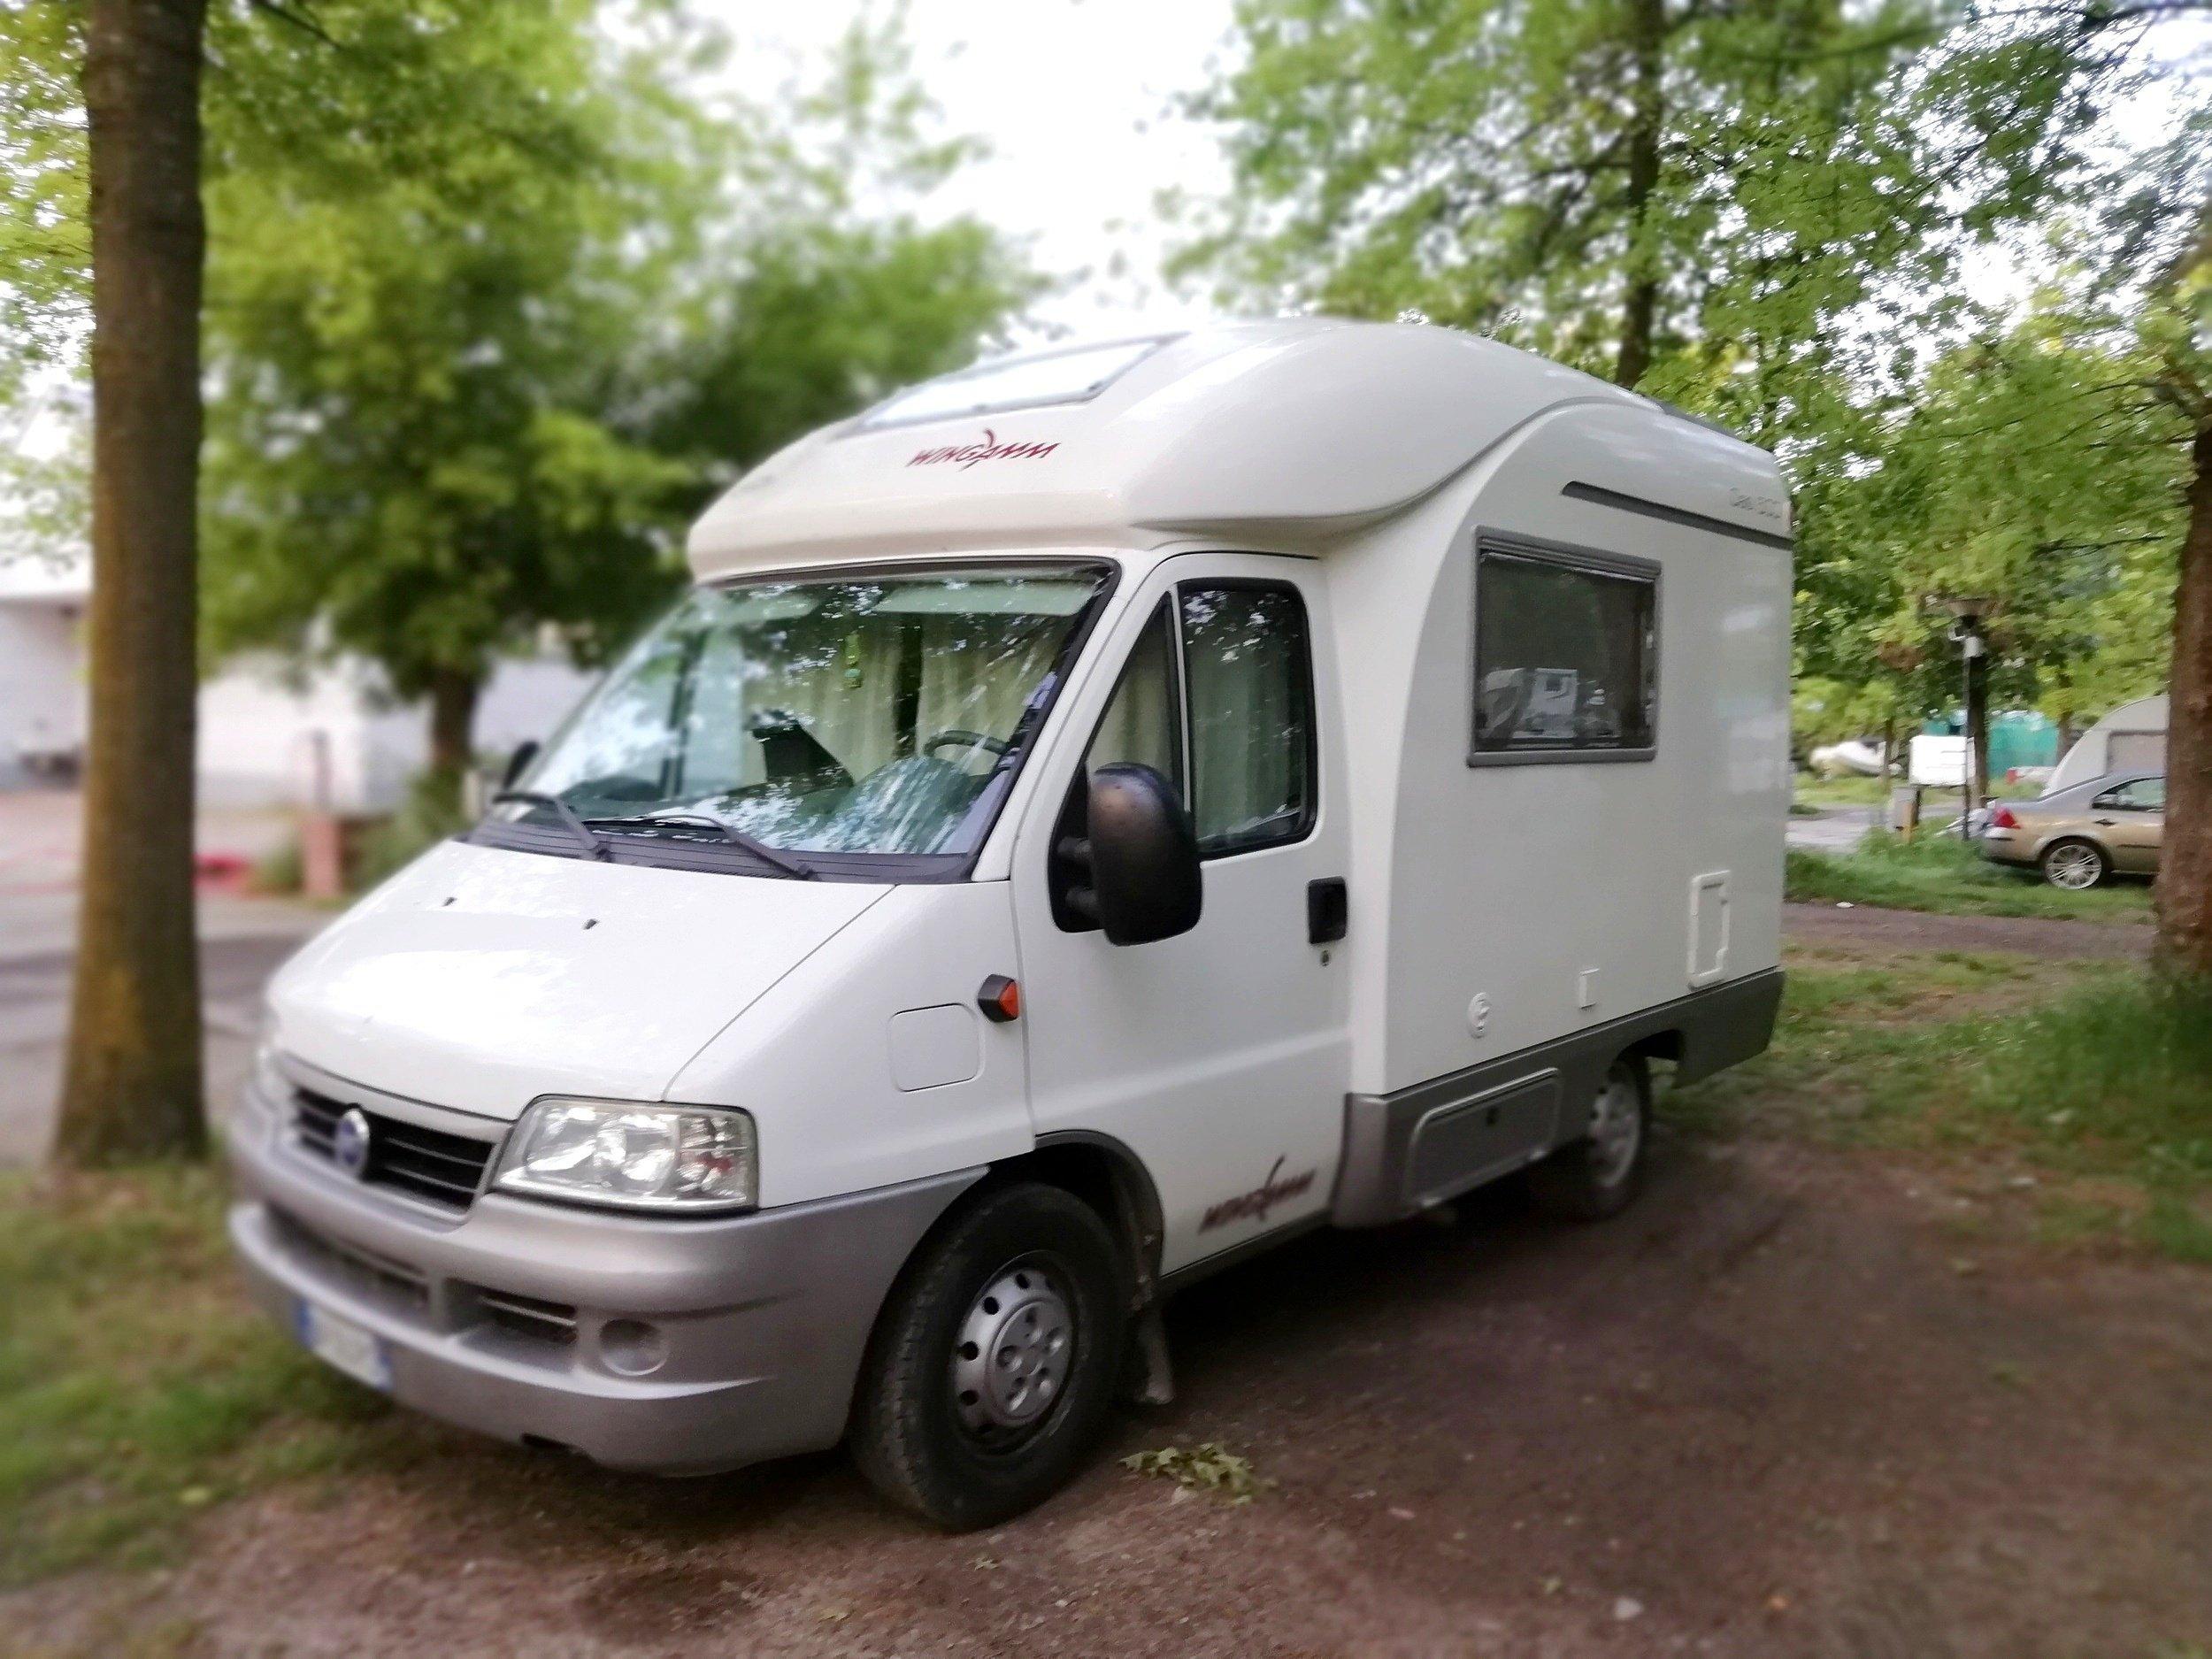 FIAT Ducato per roulotte Adattatore per tetto auto camper caravan 40 x 40 cm